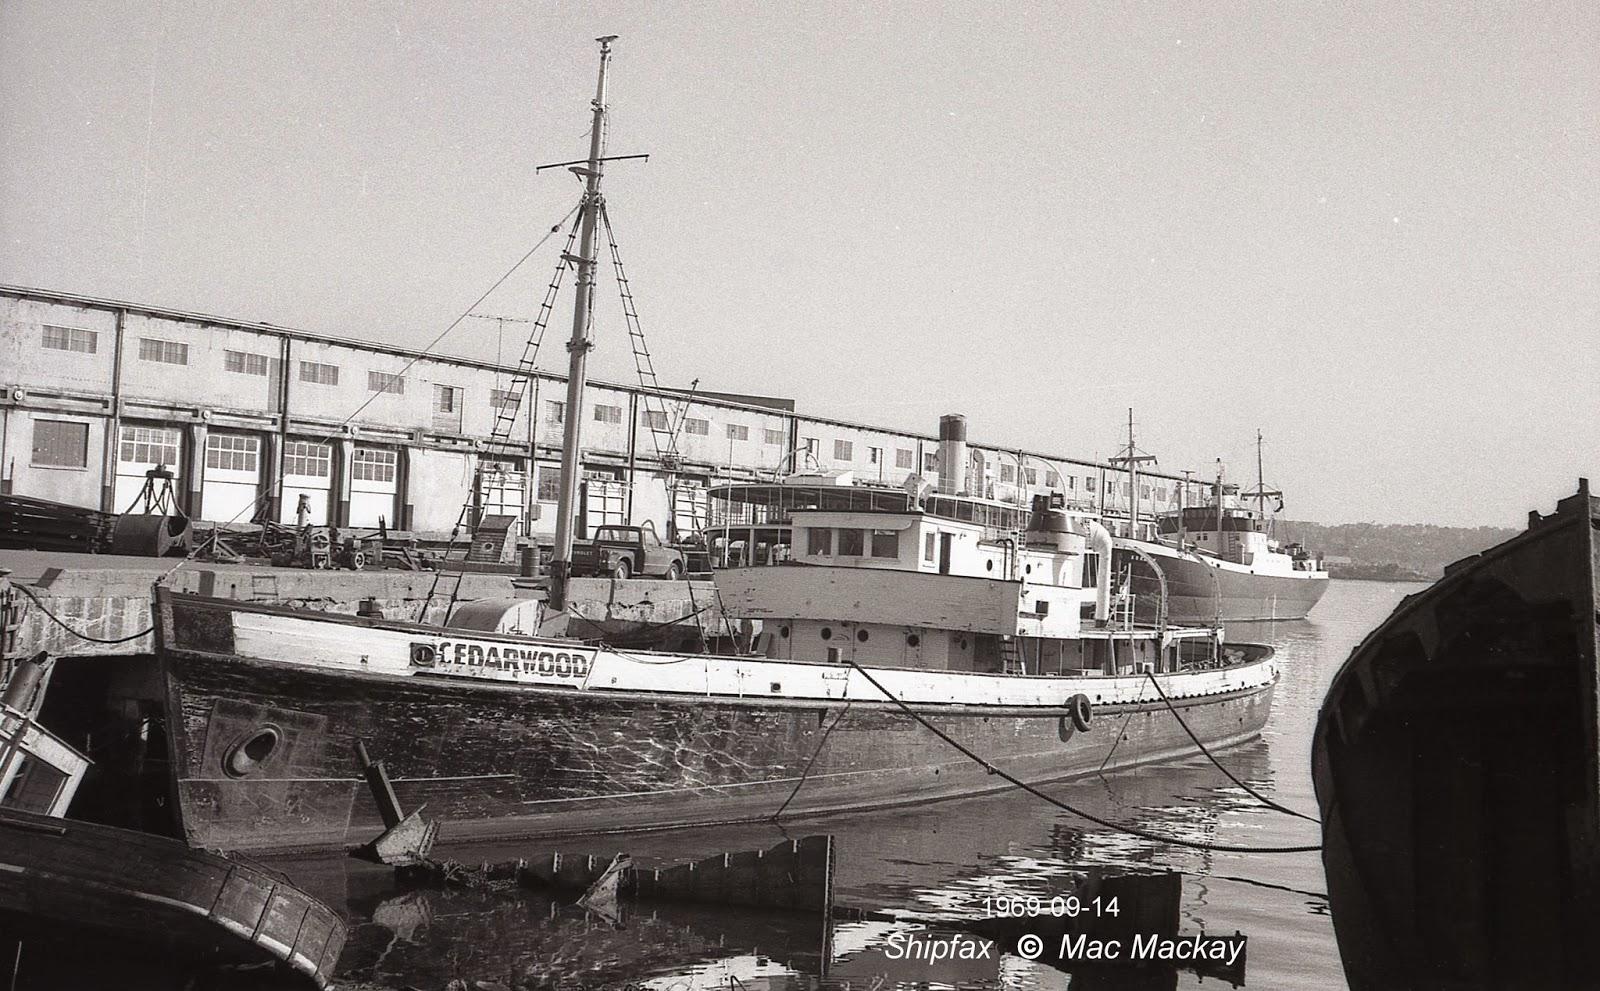 Shipfax Nova Scotia Coasters Part 2